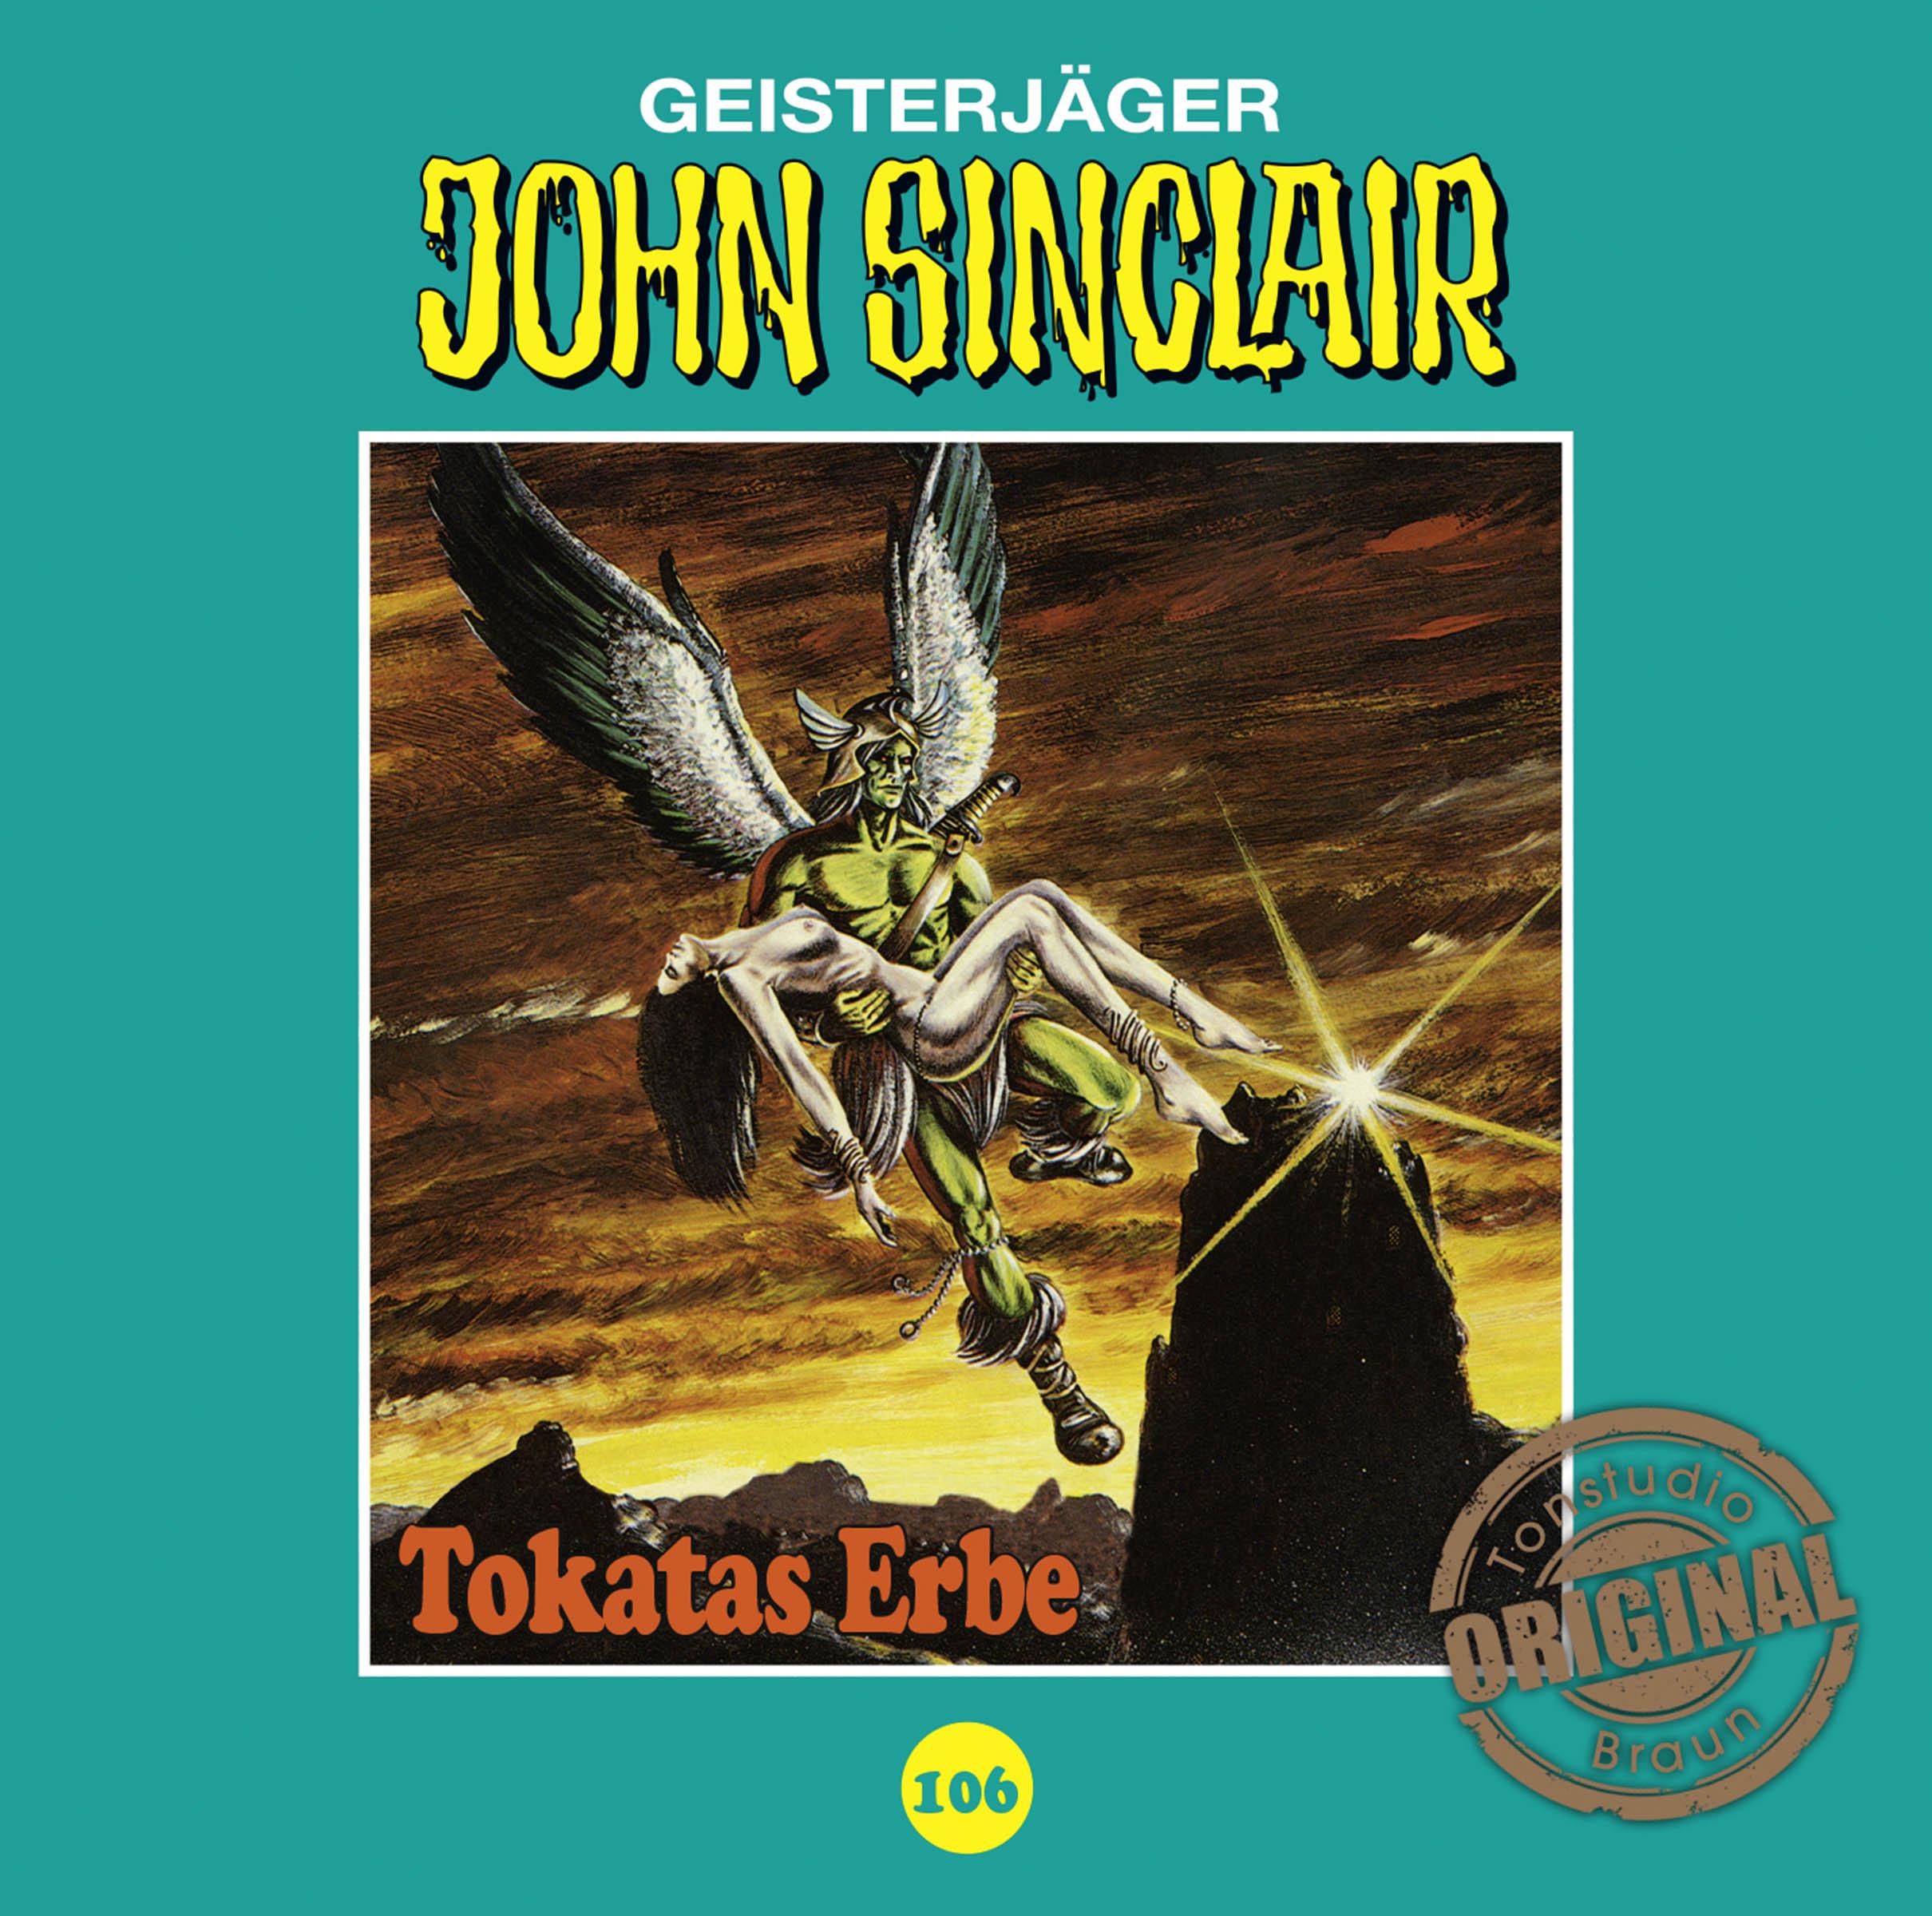 John Sinclair Tonstudio Braun - Folge 106: Tokatas Erbe